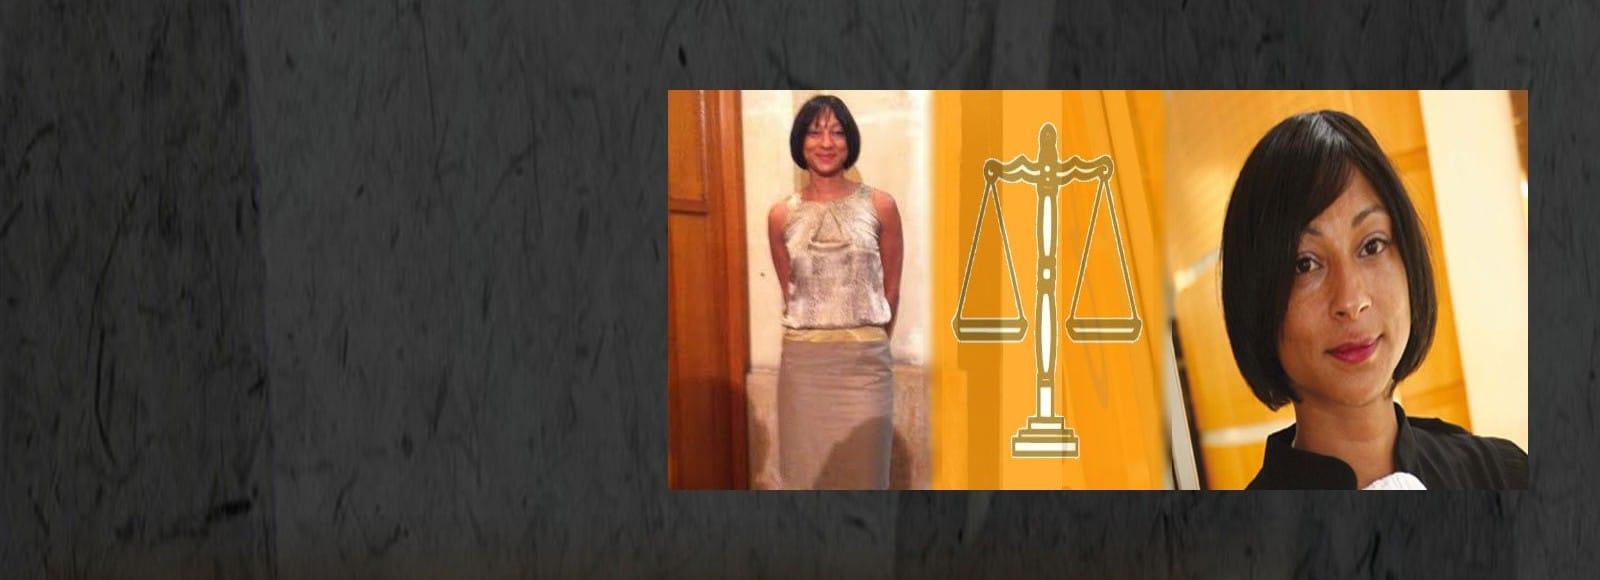 Avamagassa-avocat